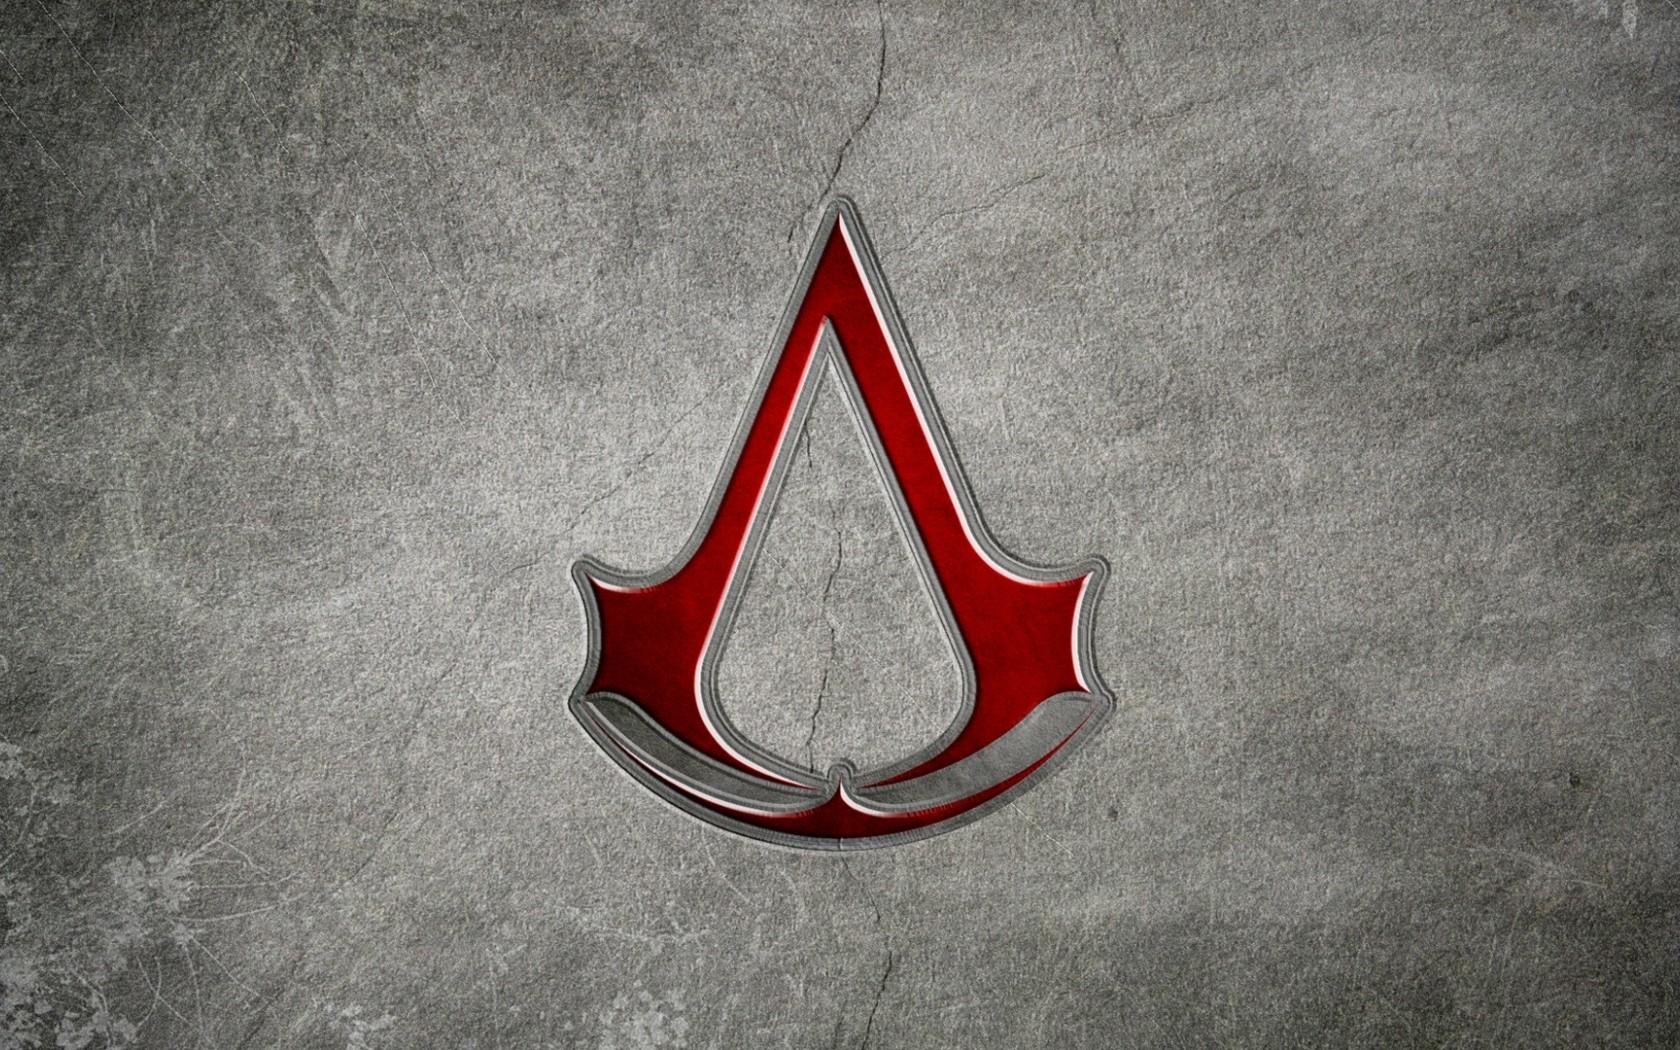 Ассасин крид картинки логотипа